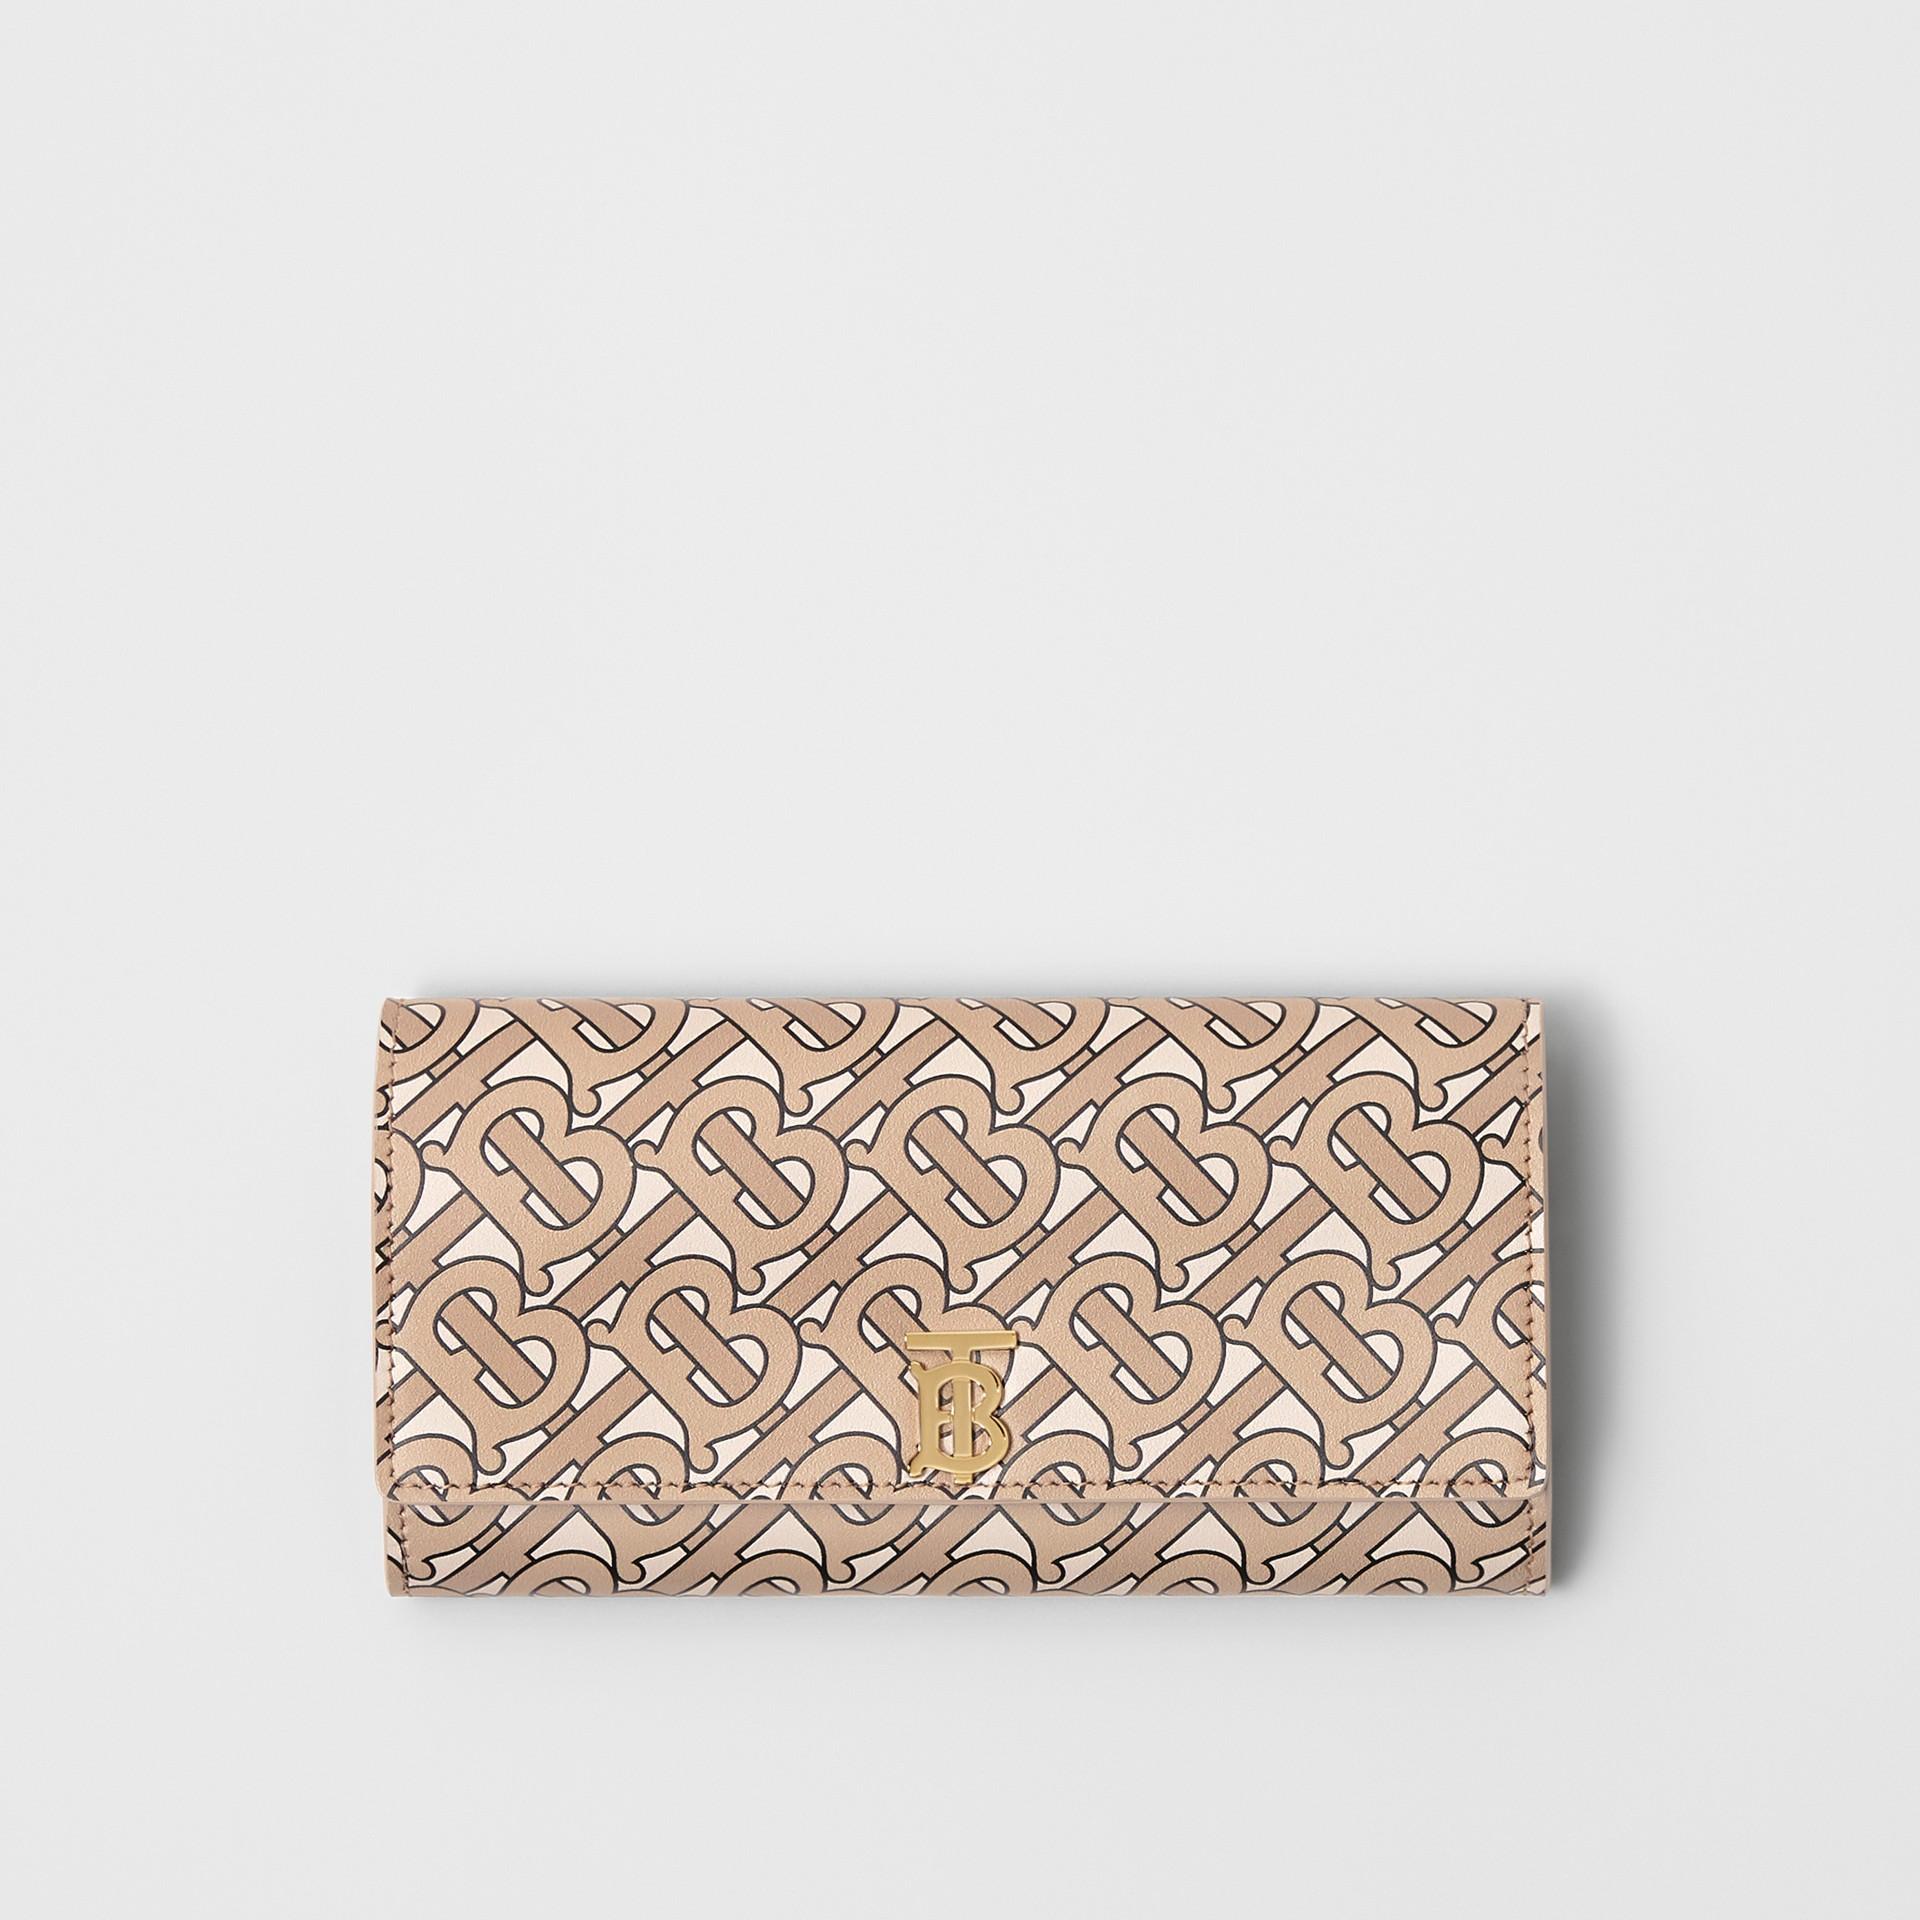 모노그램 프린트 가죽 장지갑 (베이지) - 여성 | Burberry - 갤러리 이미지 0